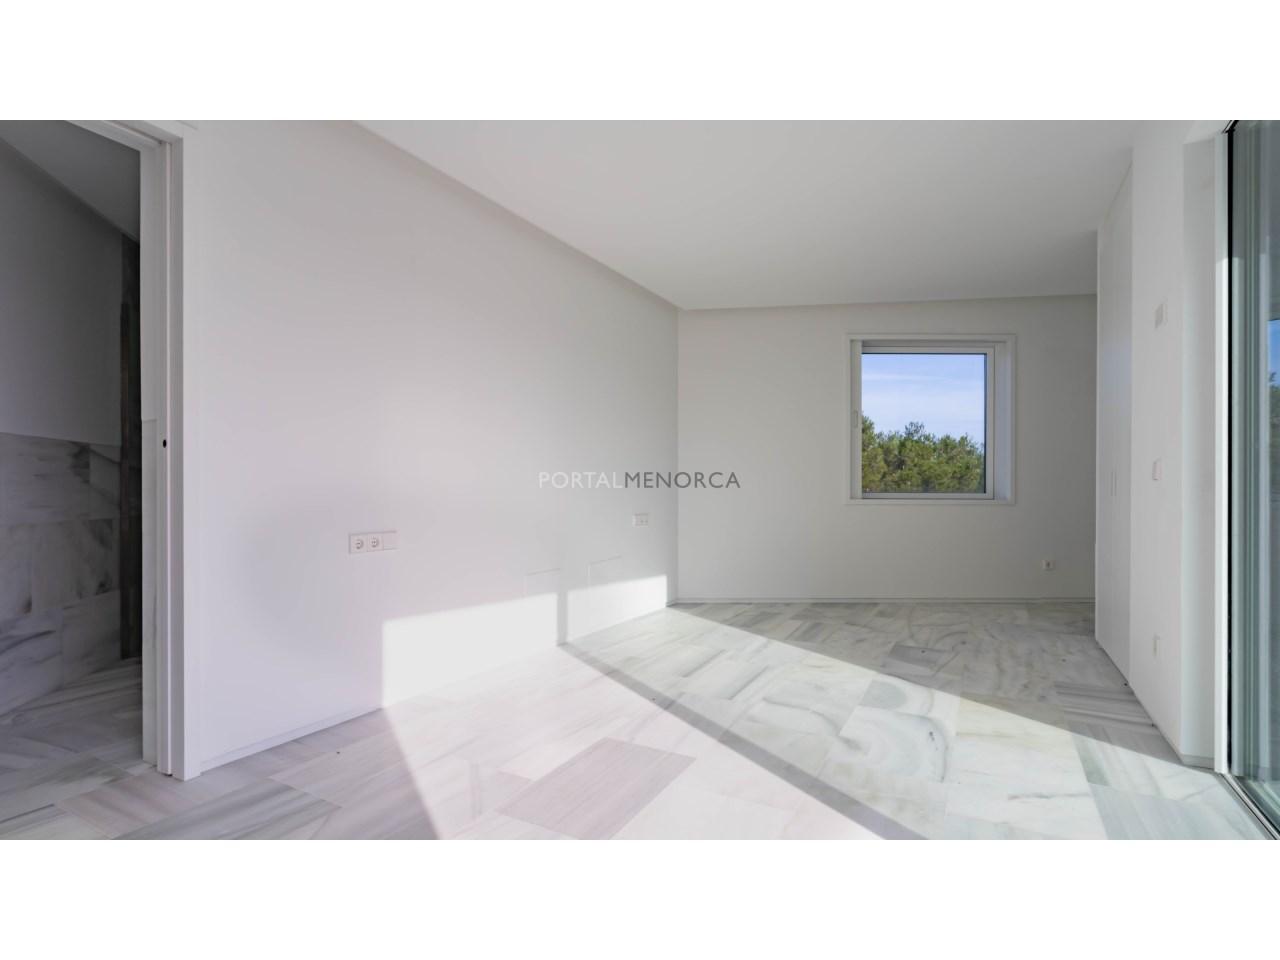 acheter-maison-luxe-coves-noves-menorca (3)